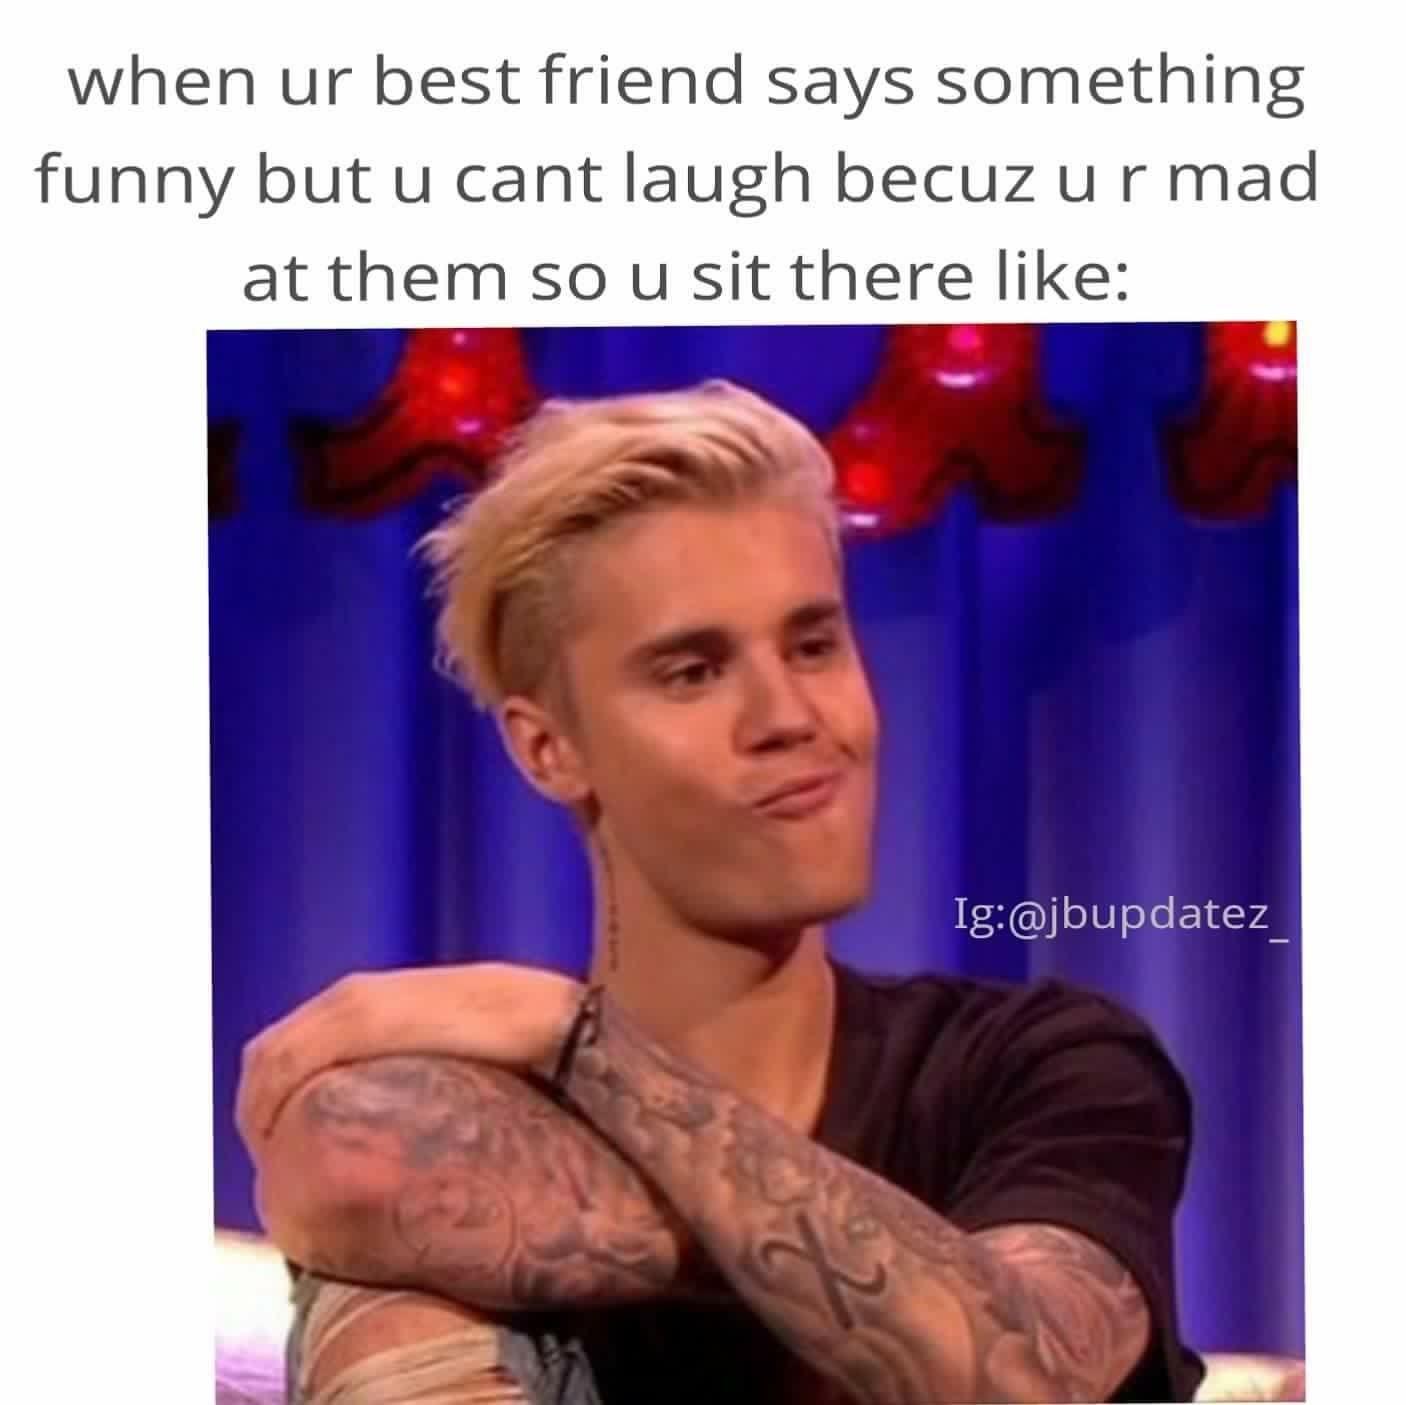 Hahahahahah, itz actually true